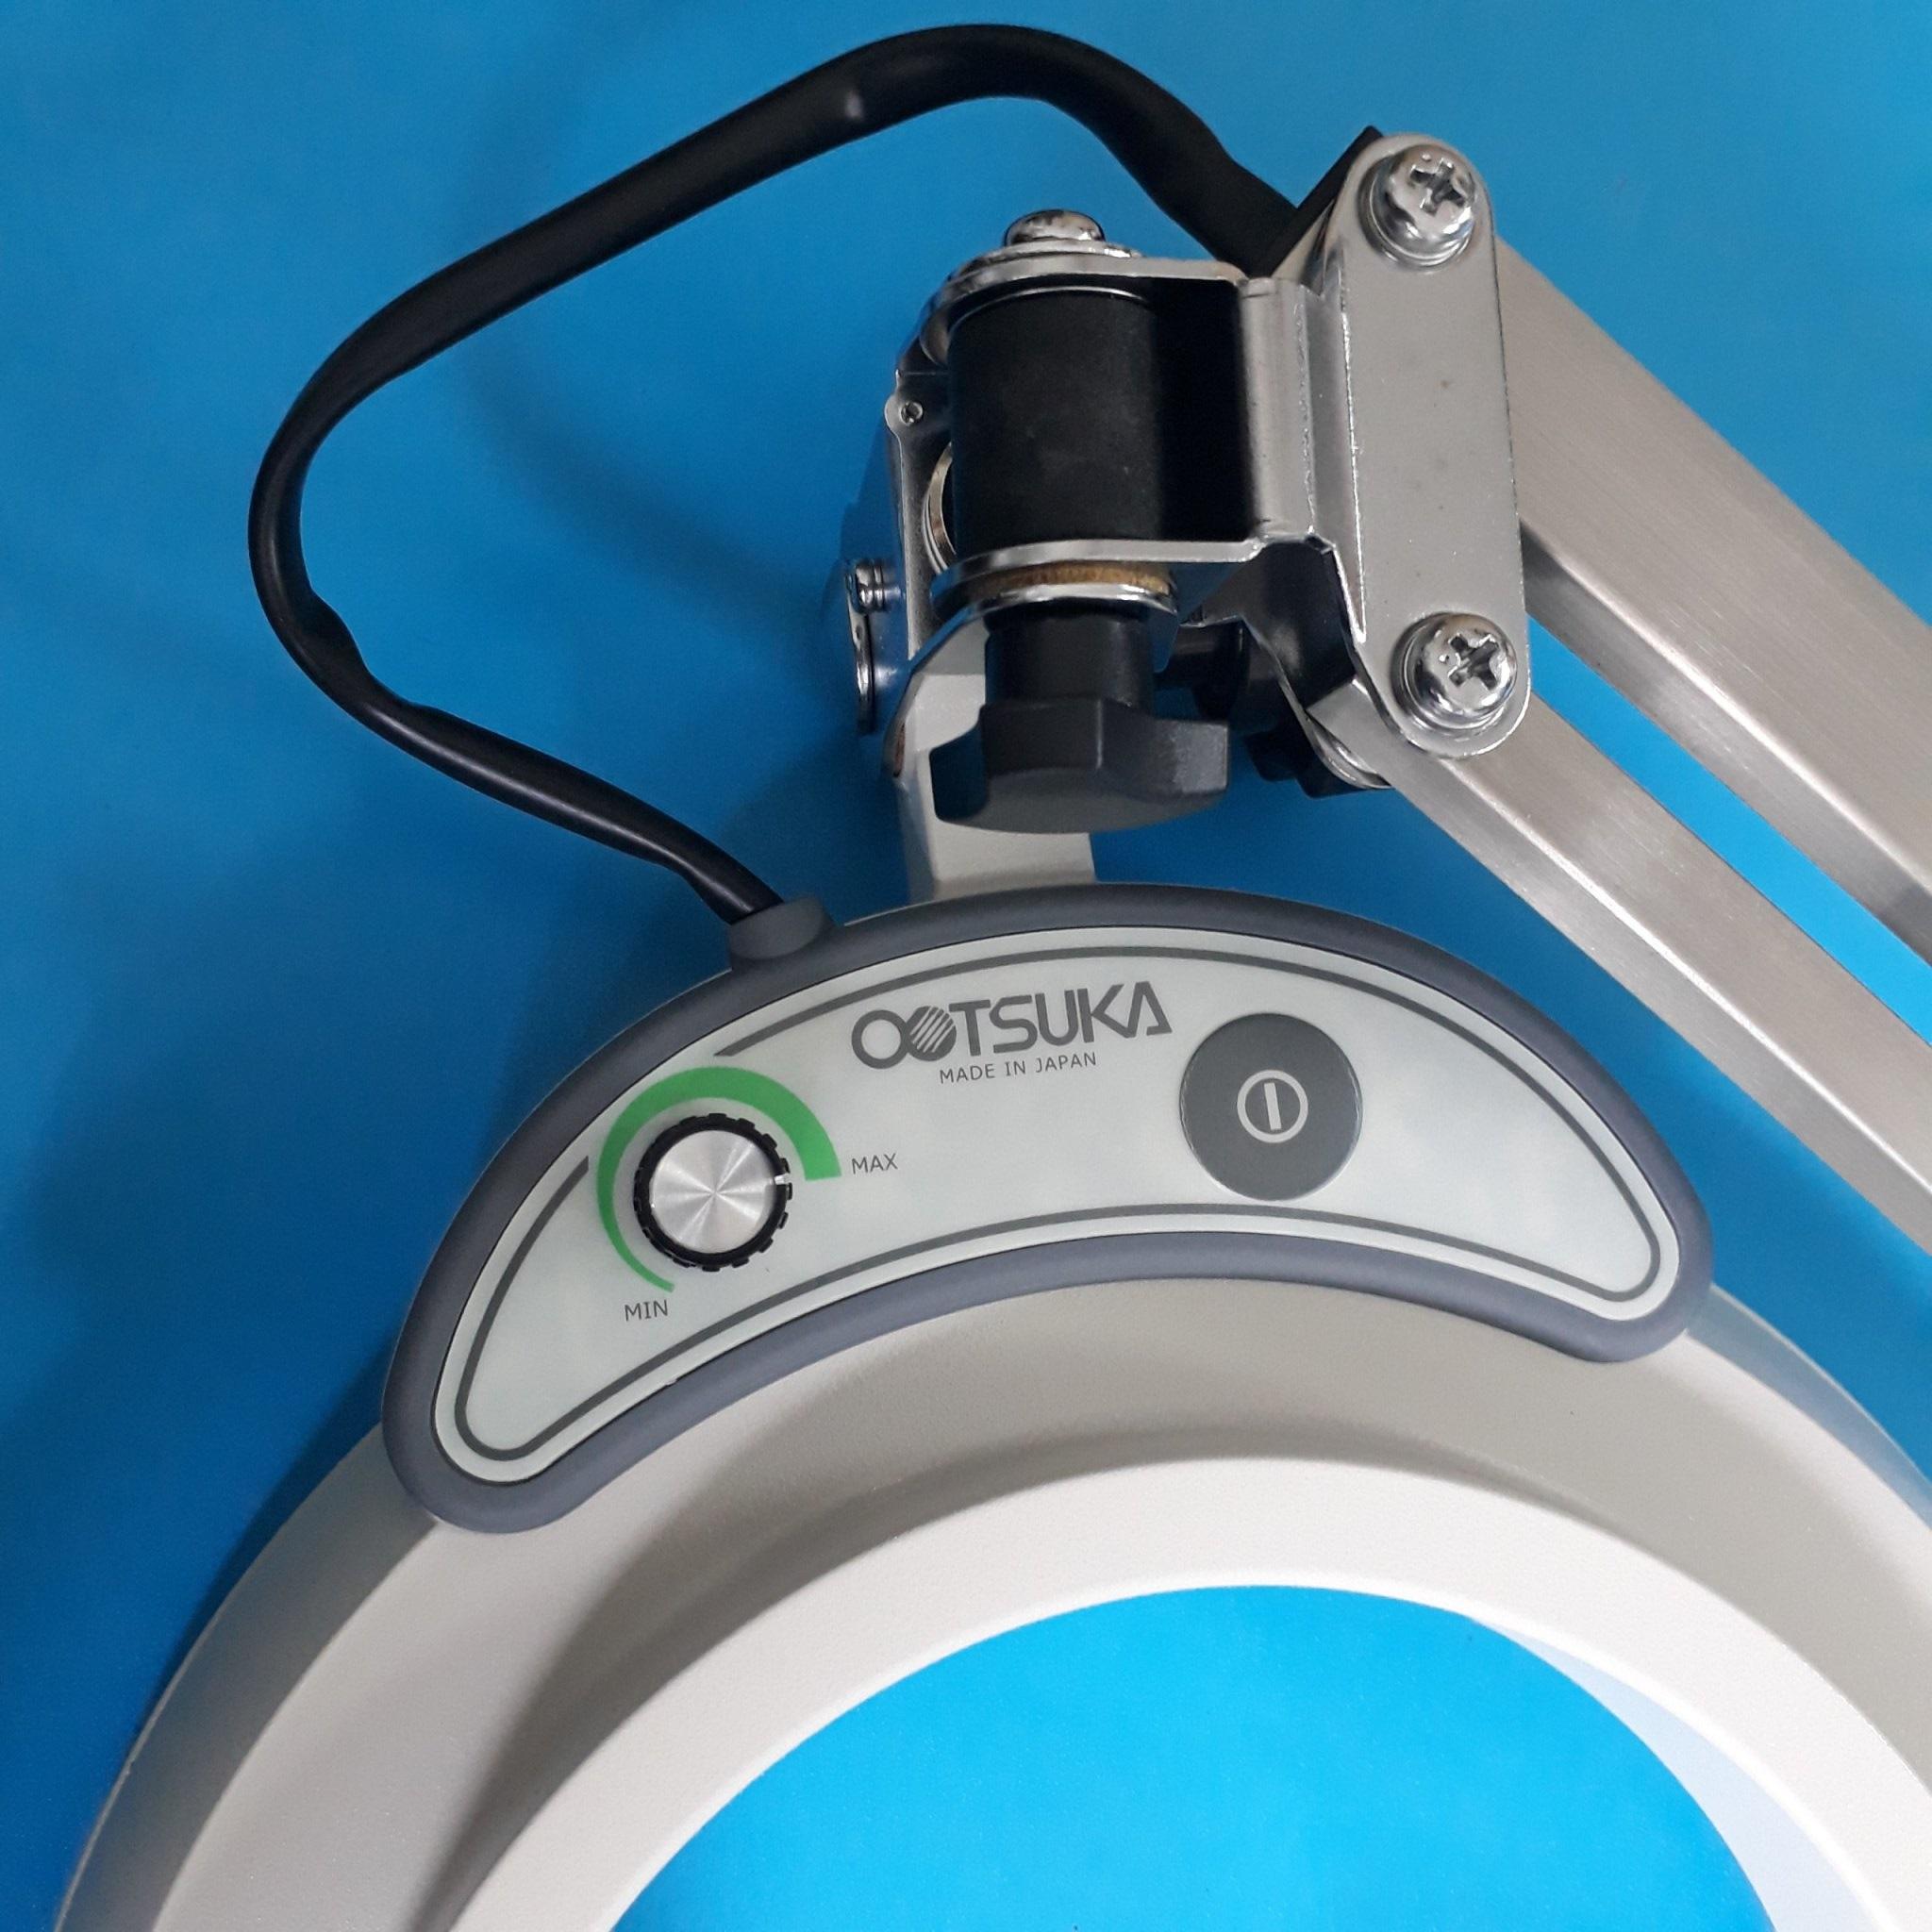 Kính lúp kẹp bàn dùng đèn Led kính lúp kẹp bàn Otsuka dùng trong phòng thí nghiệm, ENVL-F 2X ENVL-F 2X OTSUKA